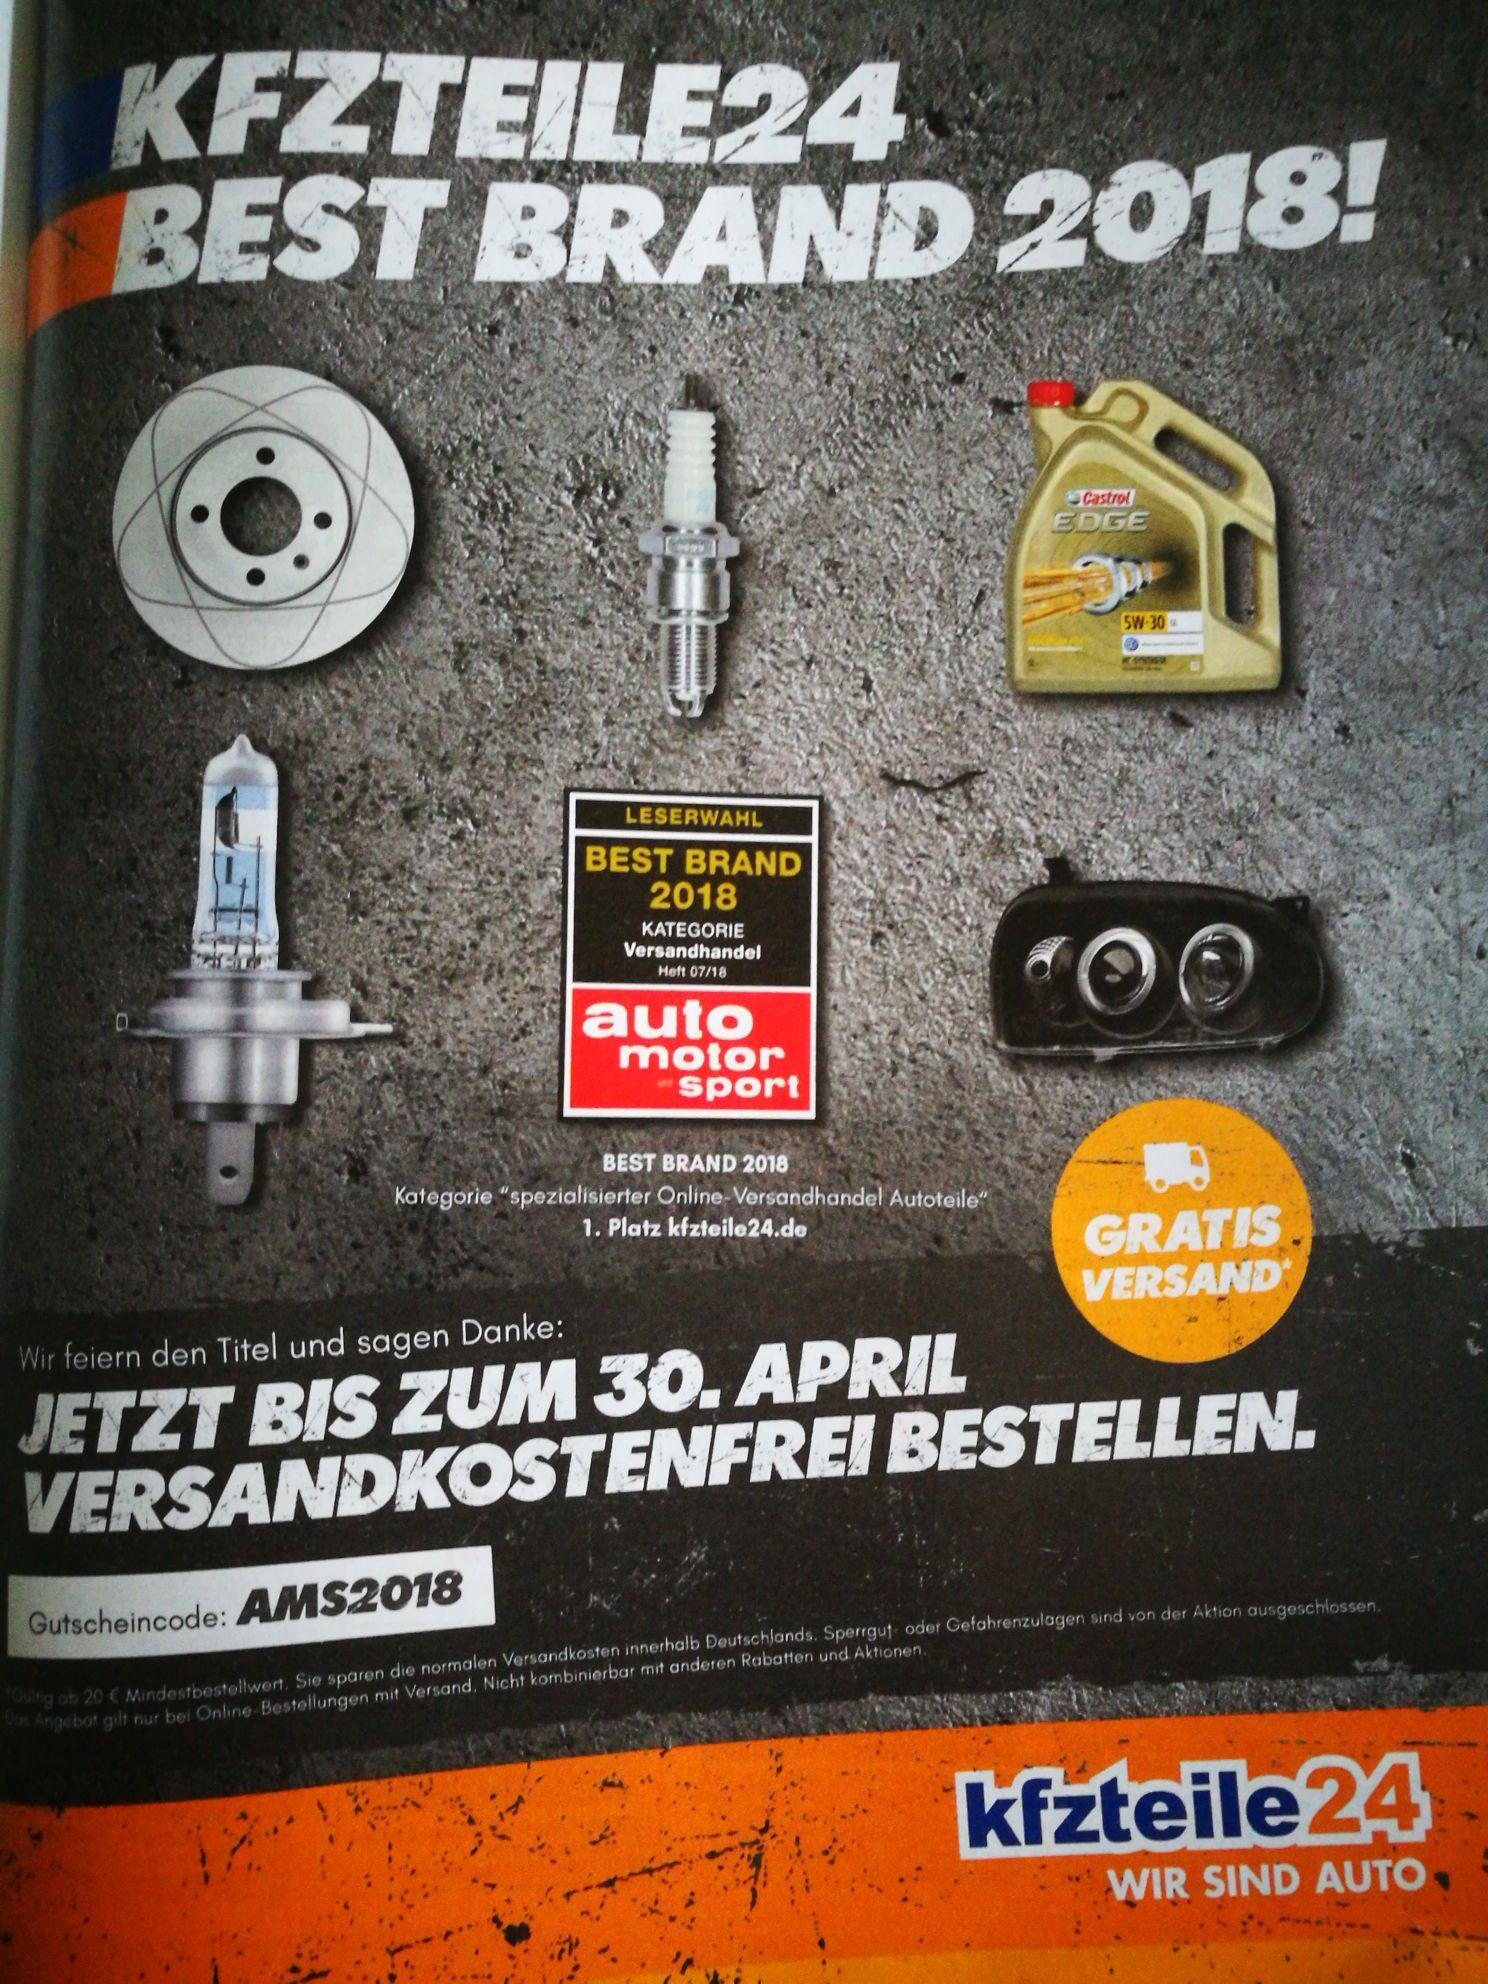 Kostenloser Versand bei Kfzteile24 ab 20 Euro MBW